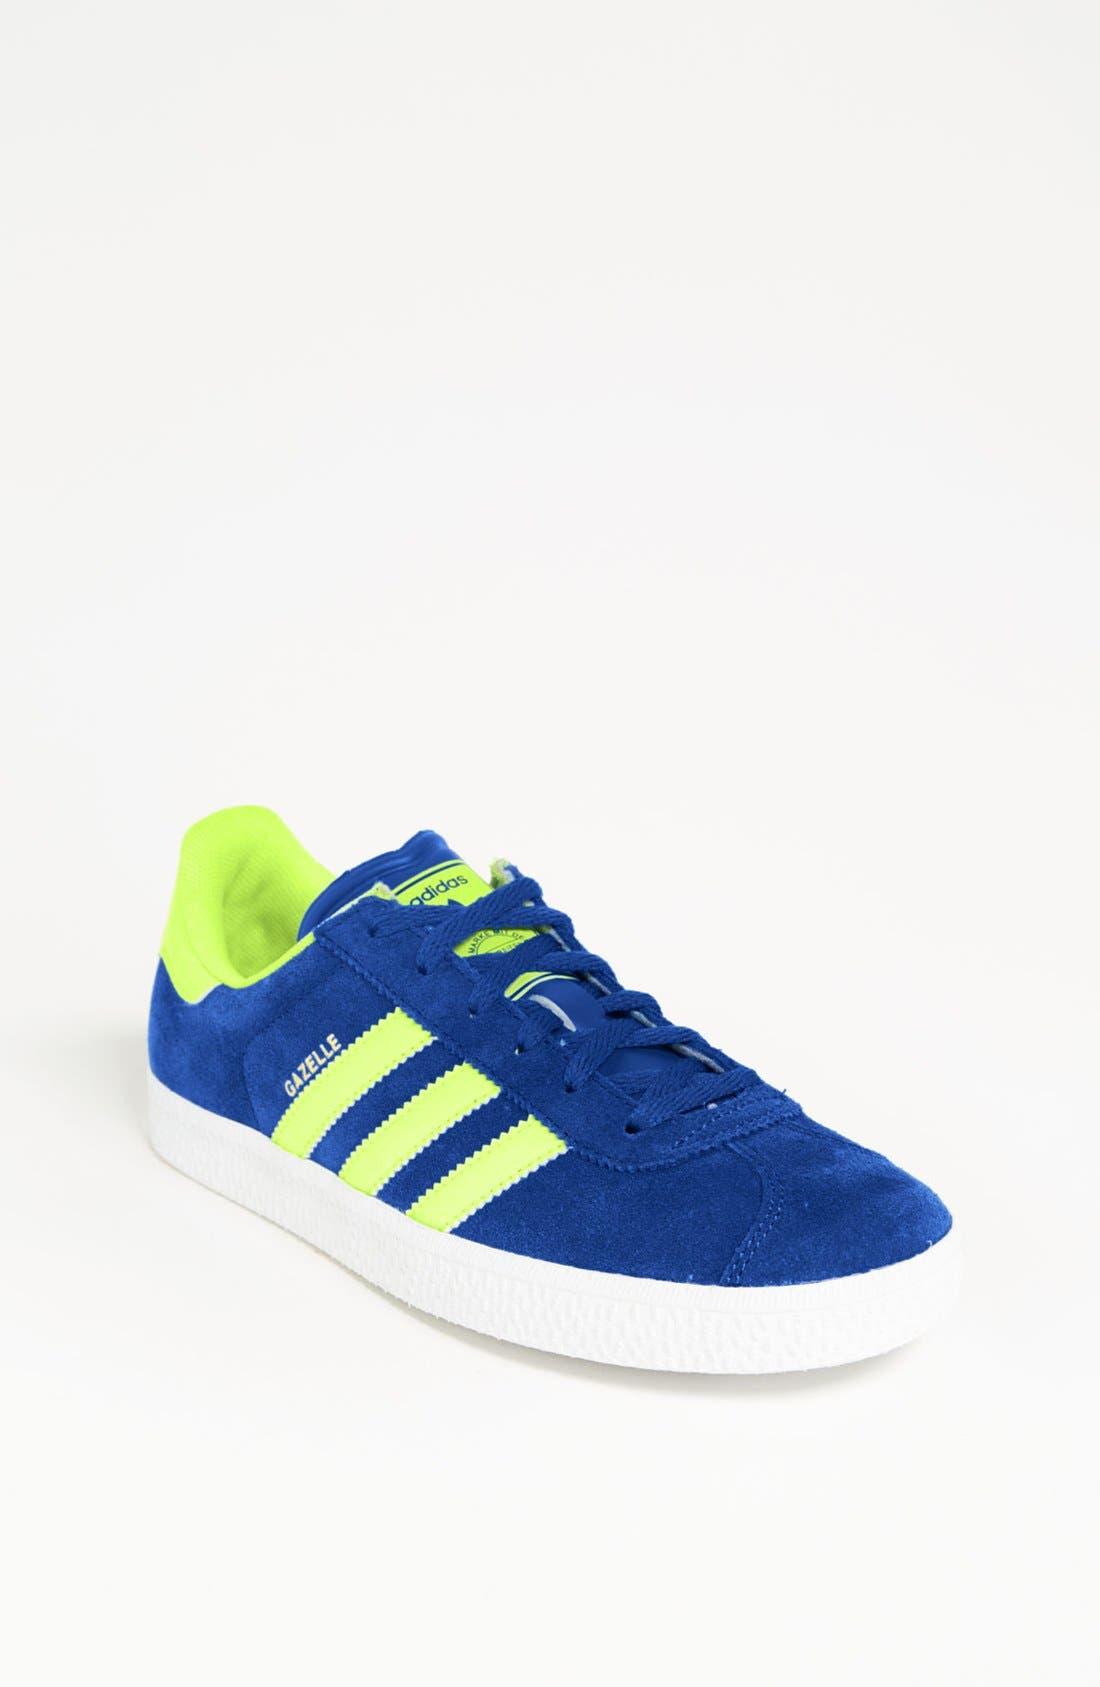 Alternate Image 1 Selected - adidas 'Gazelle' Sneaker (Big Kid)